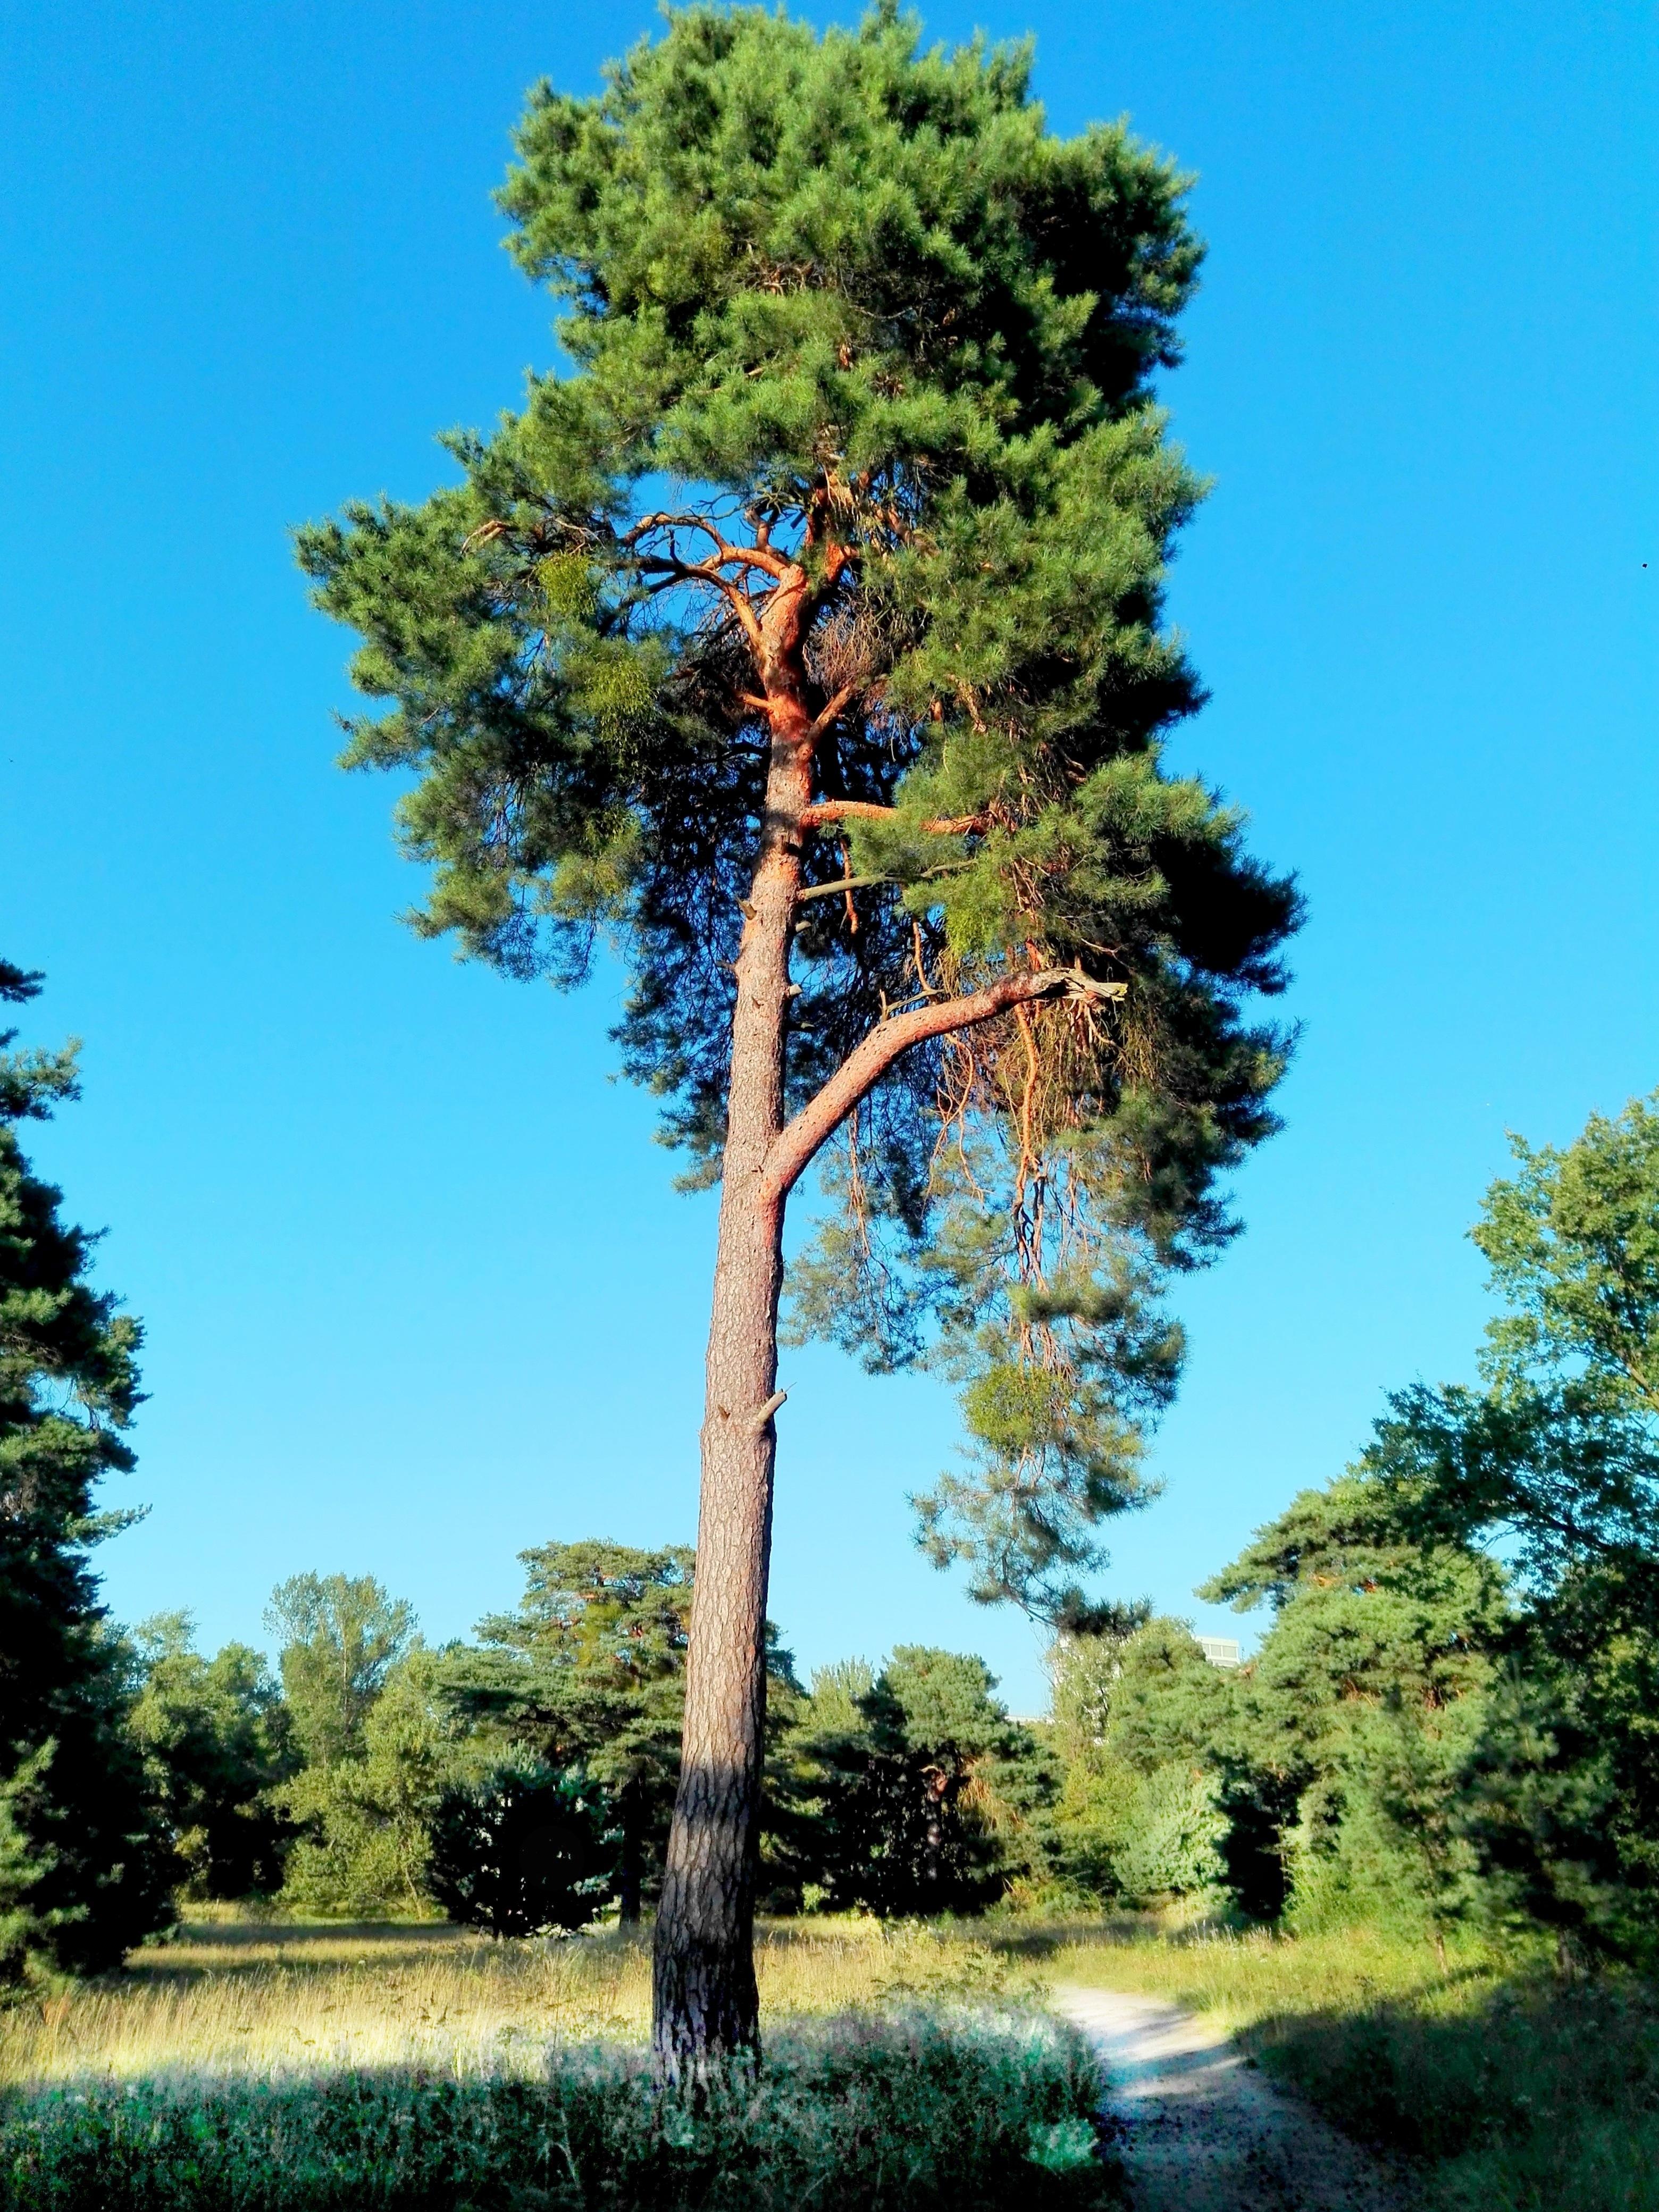 Картинки деревьев ели и сосны